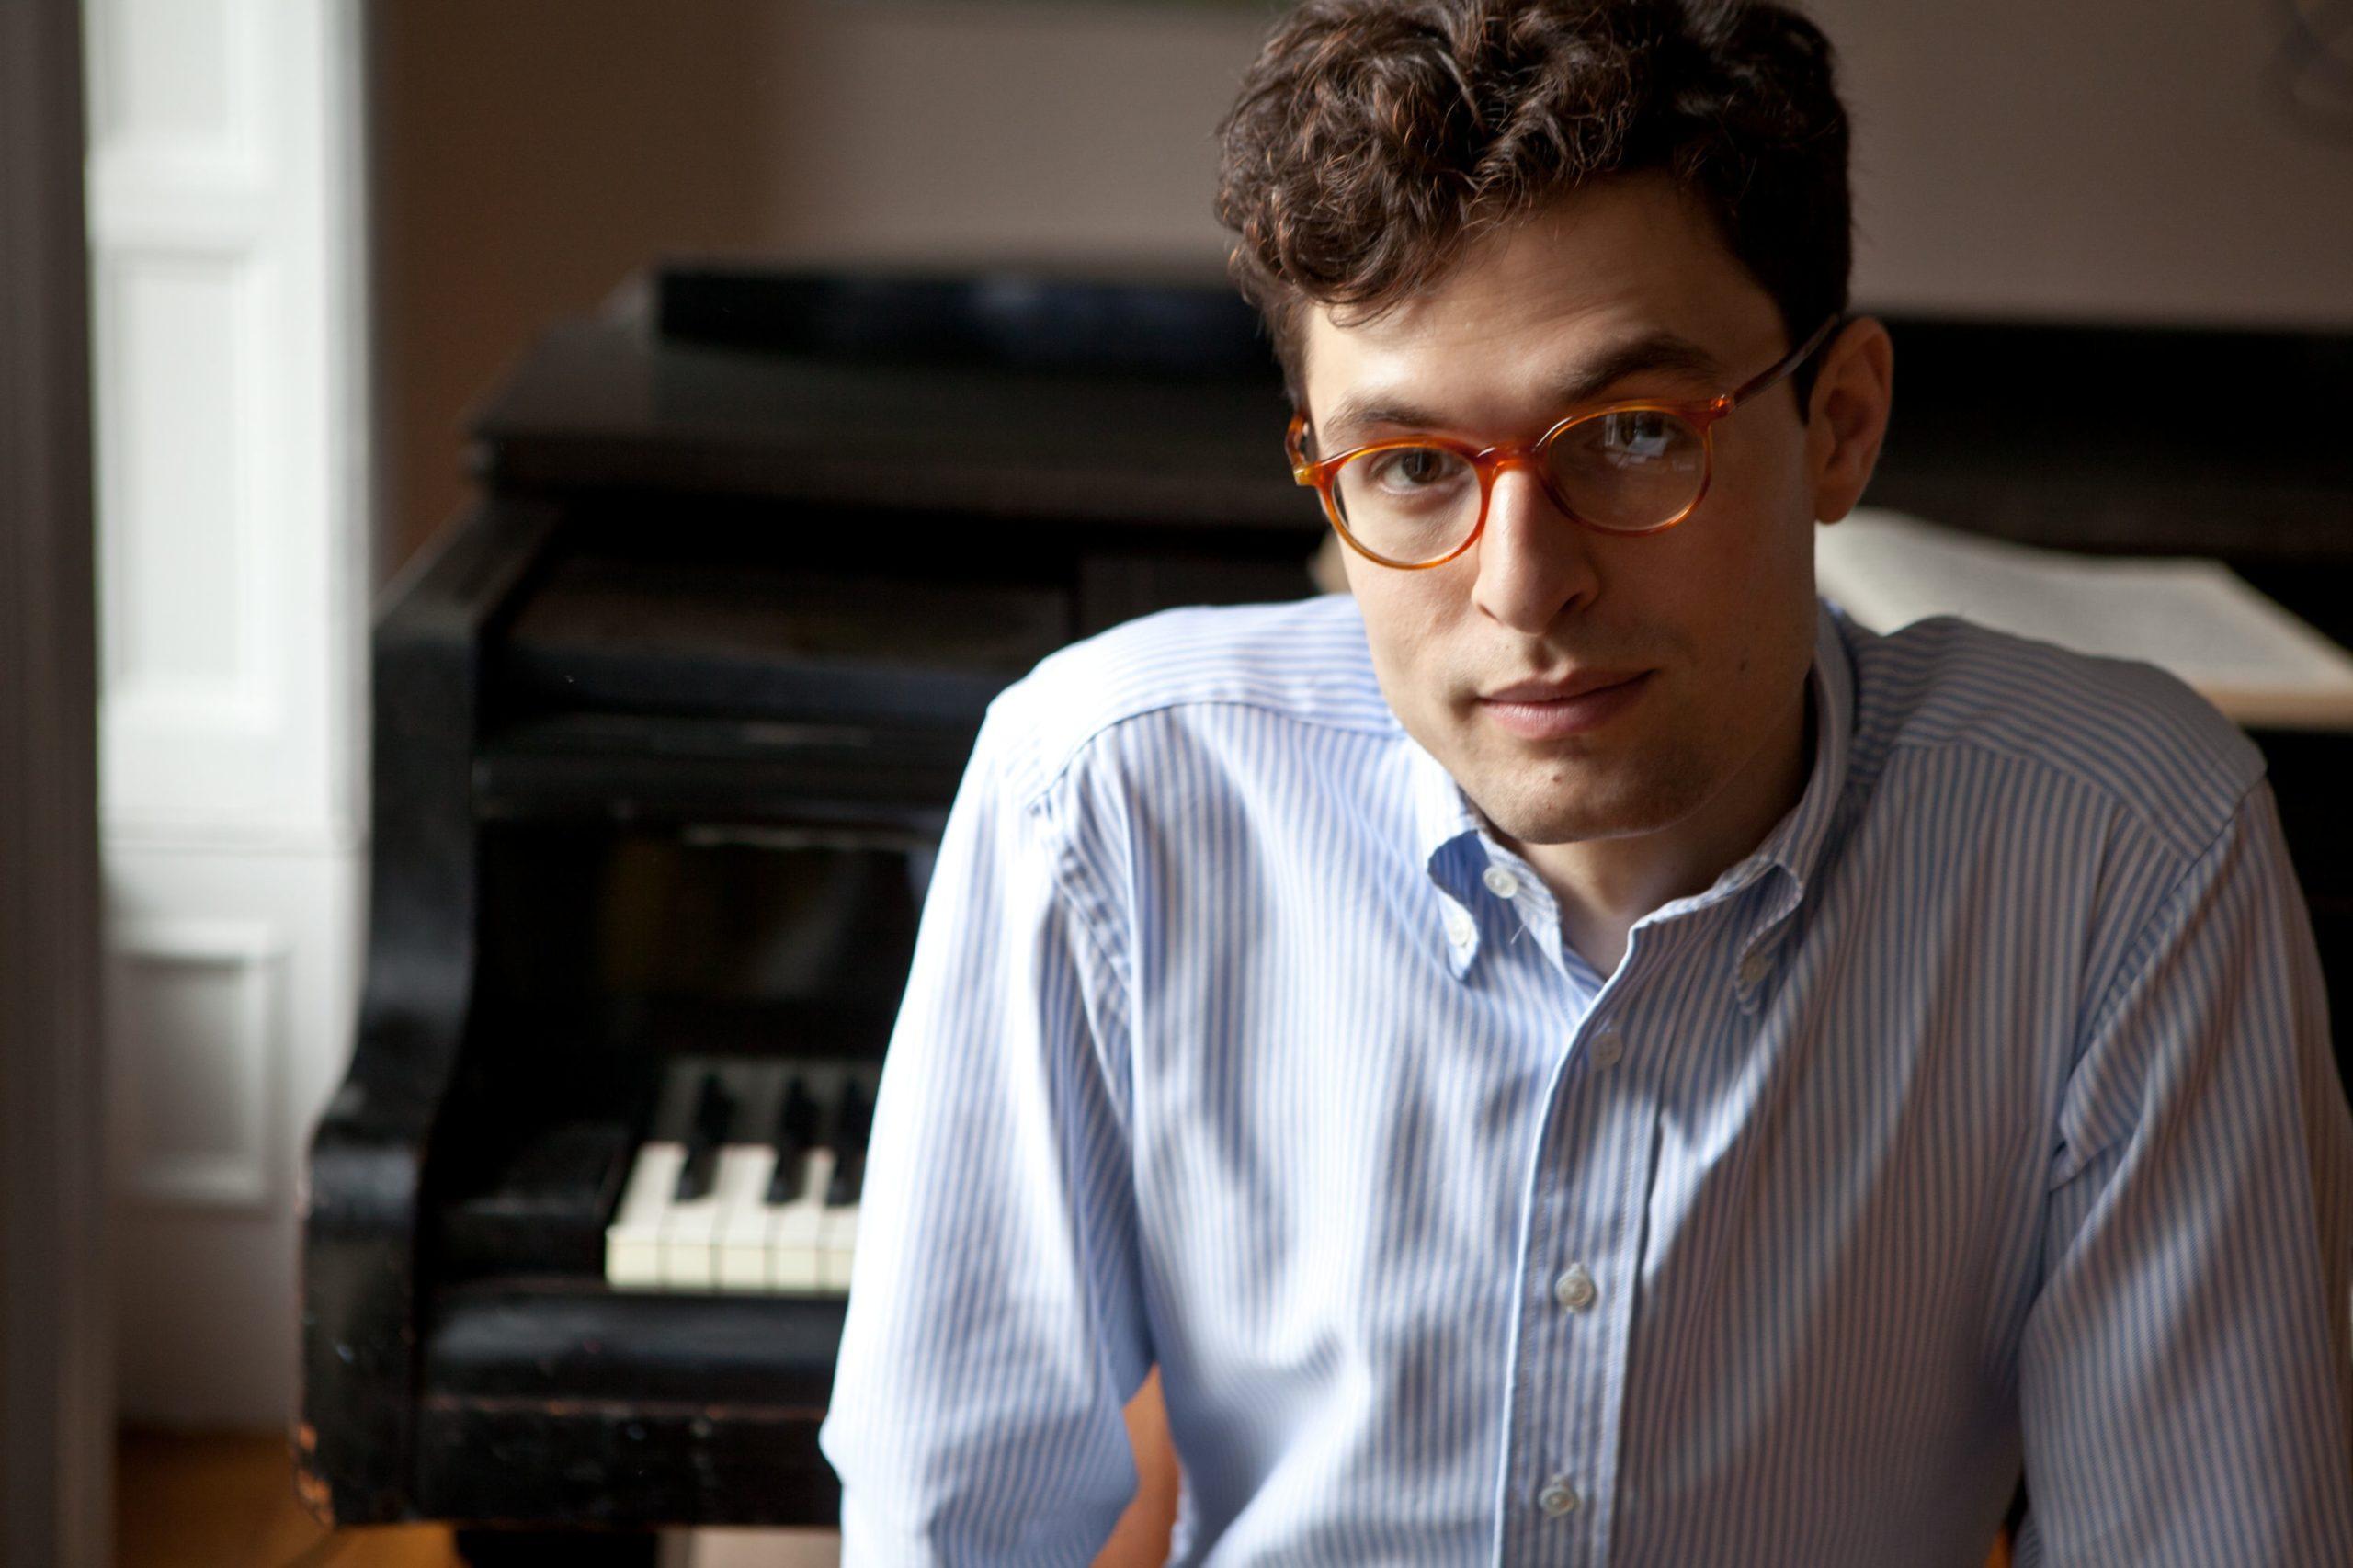 Pianisti da altri mondi – Dal Jazz alle sonorità contemporanee in scena al Franco Parenti